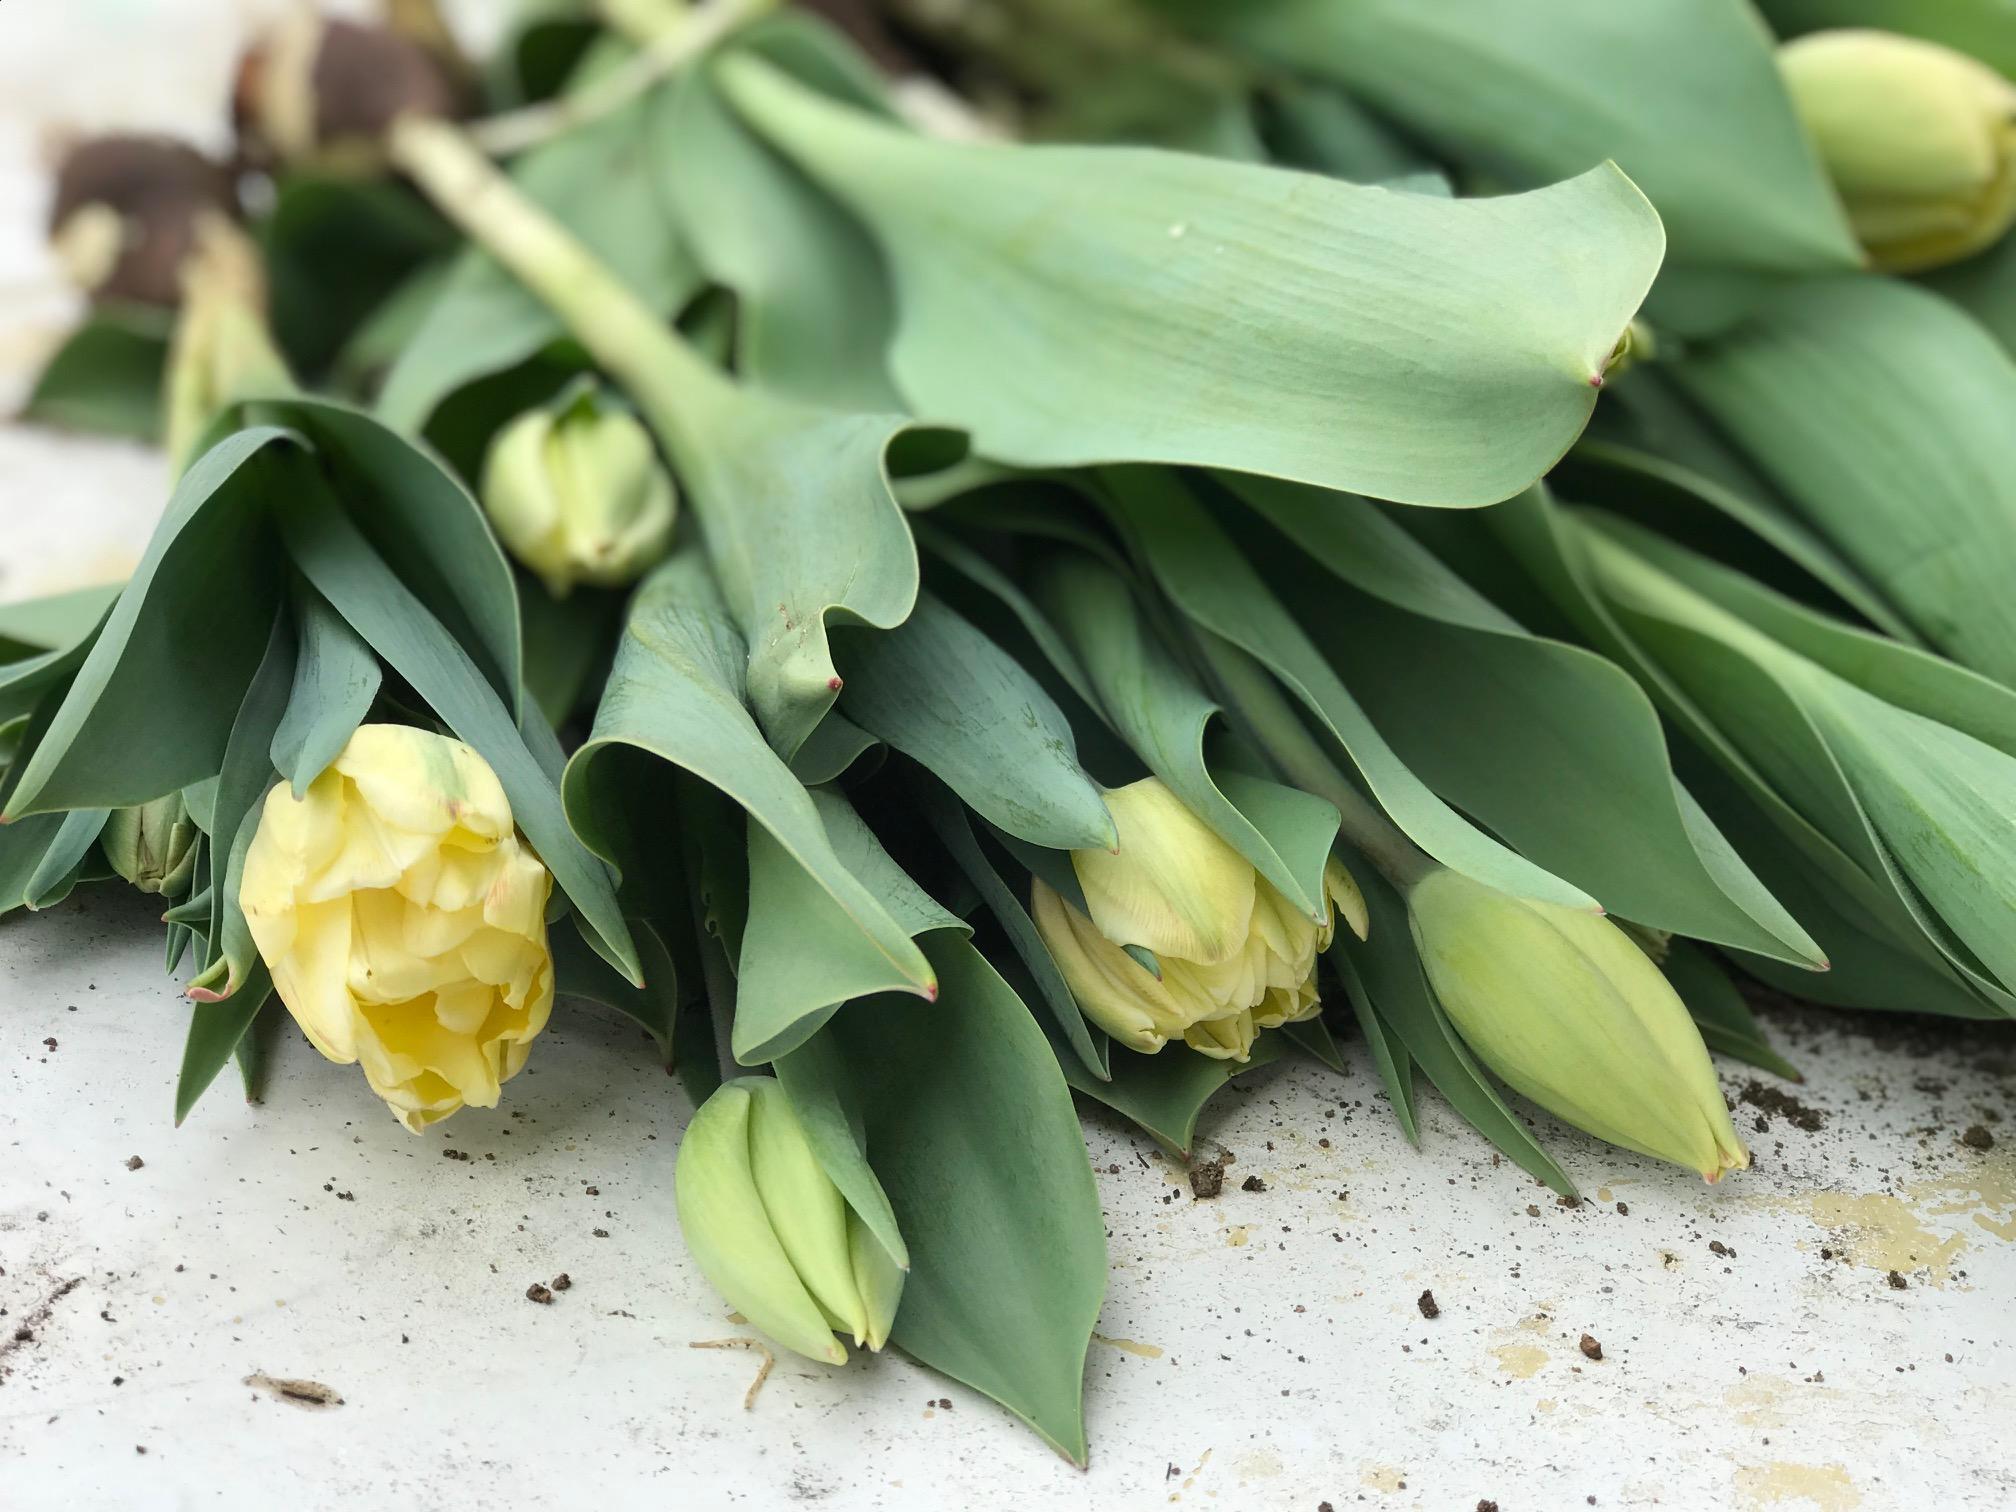 Tulipharvest2018.2.jpg